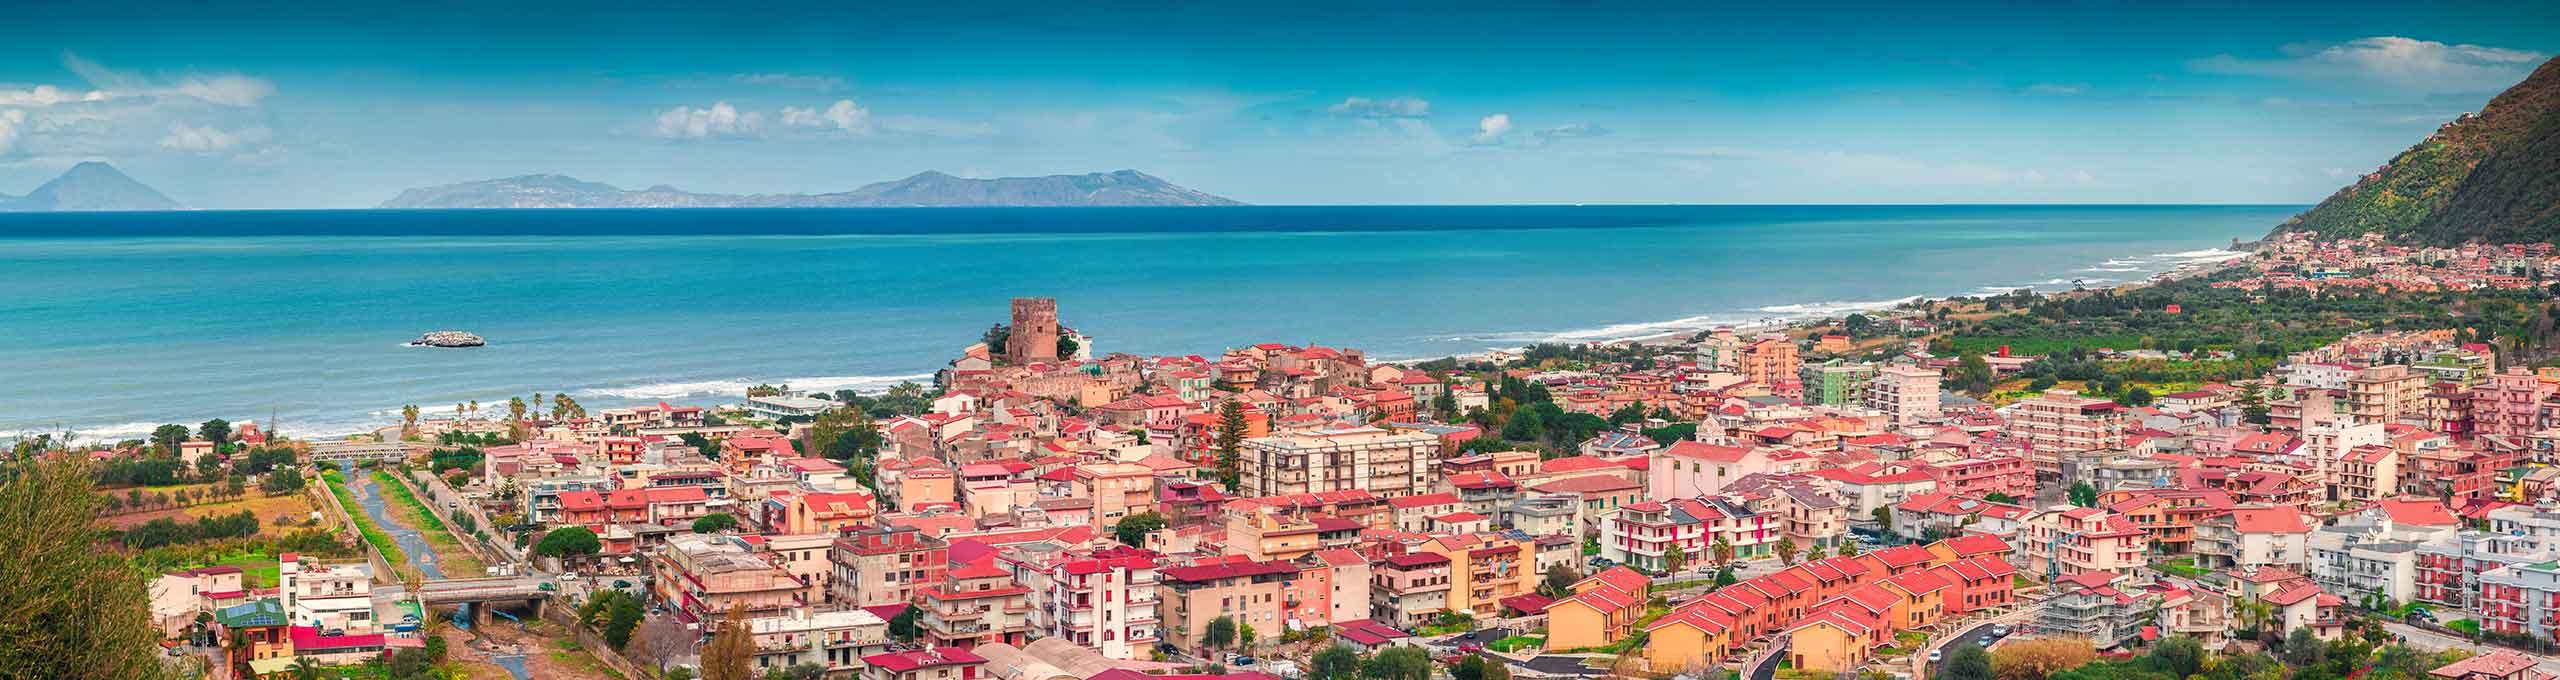 Brolo, Sicilia